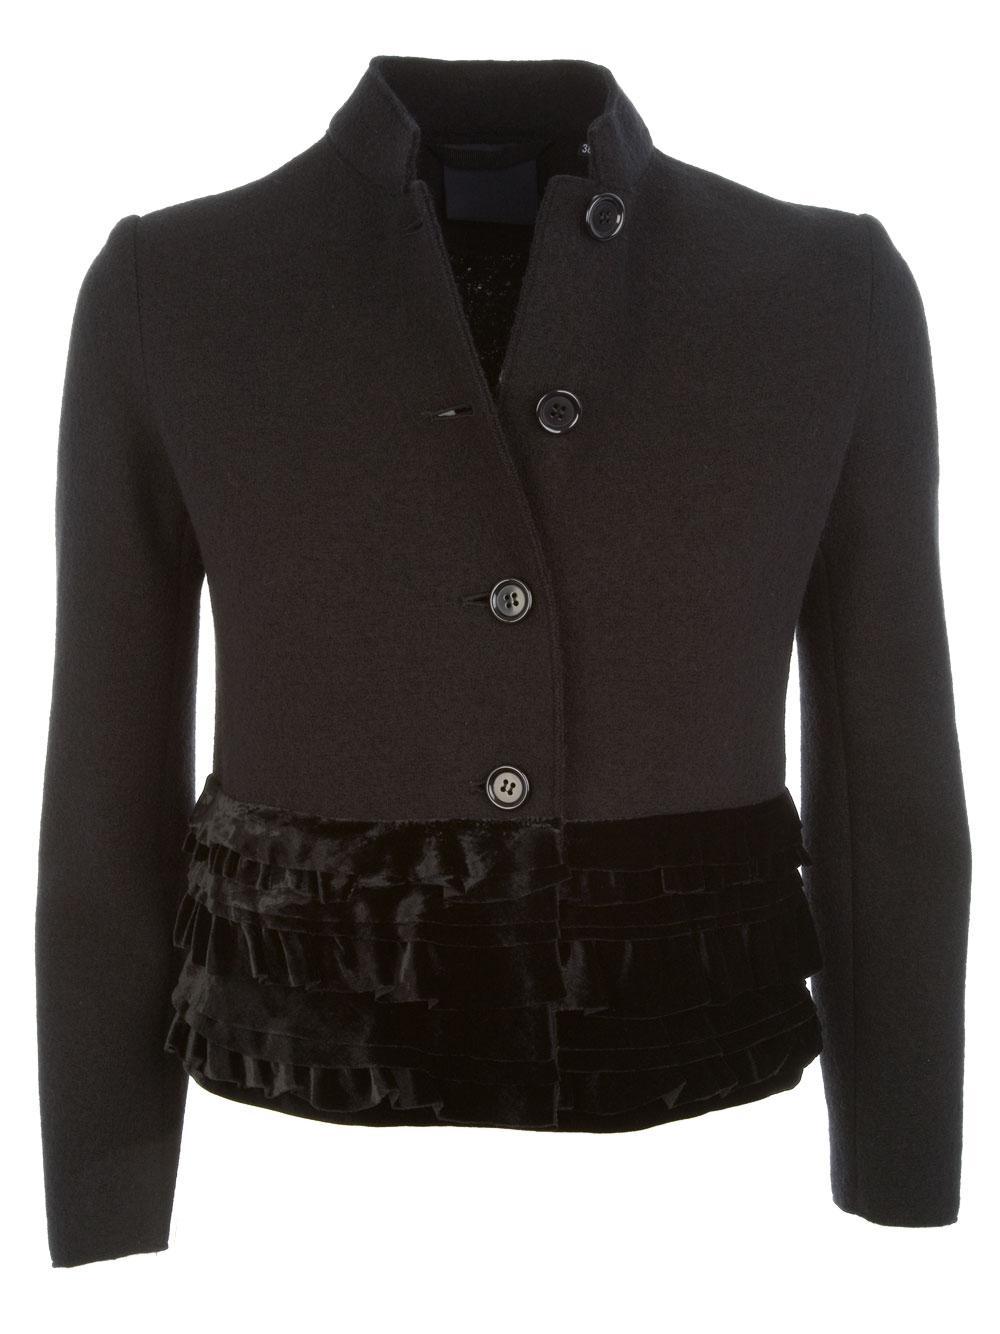 Lyst - Aspesi Giacca Donna in Black 239b9b73815e